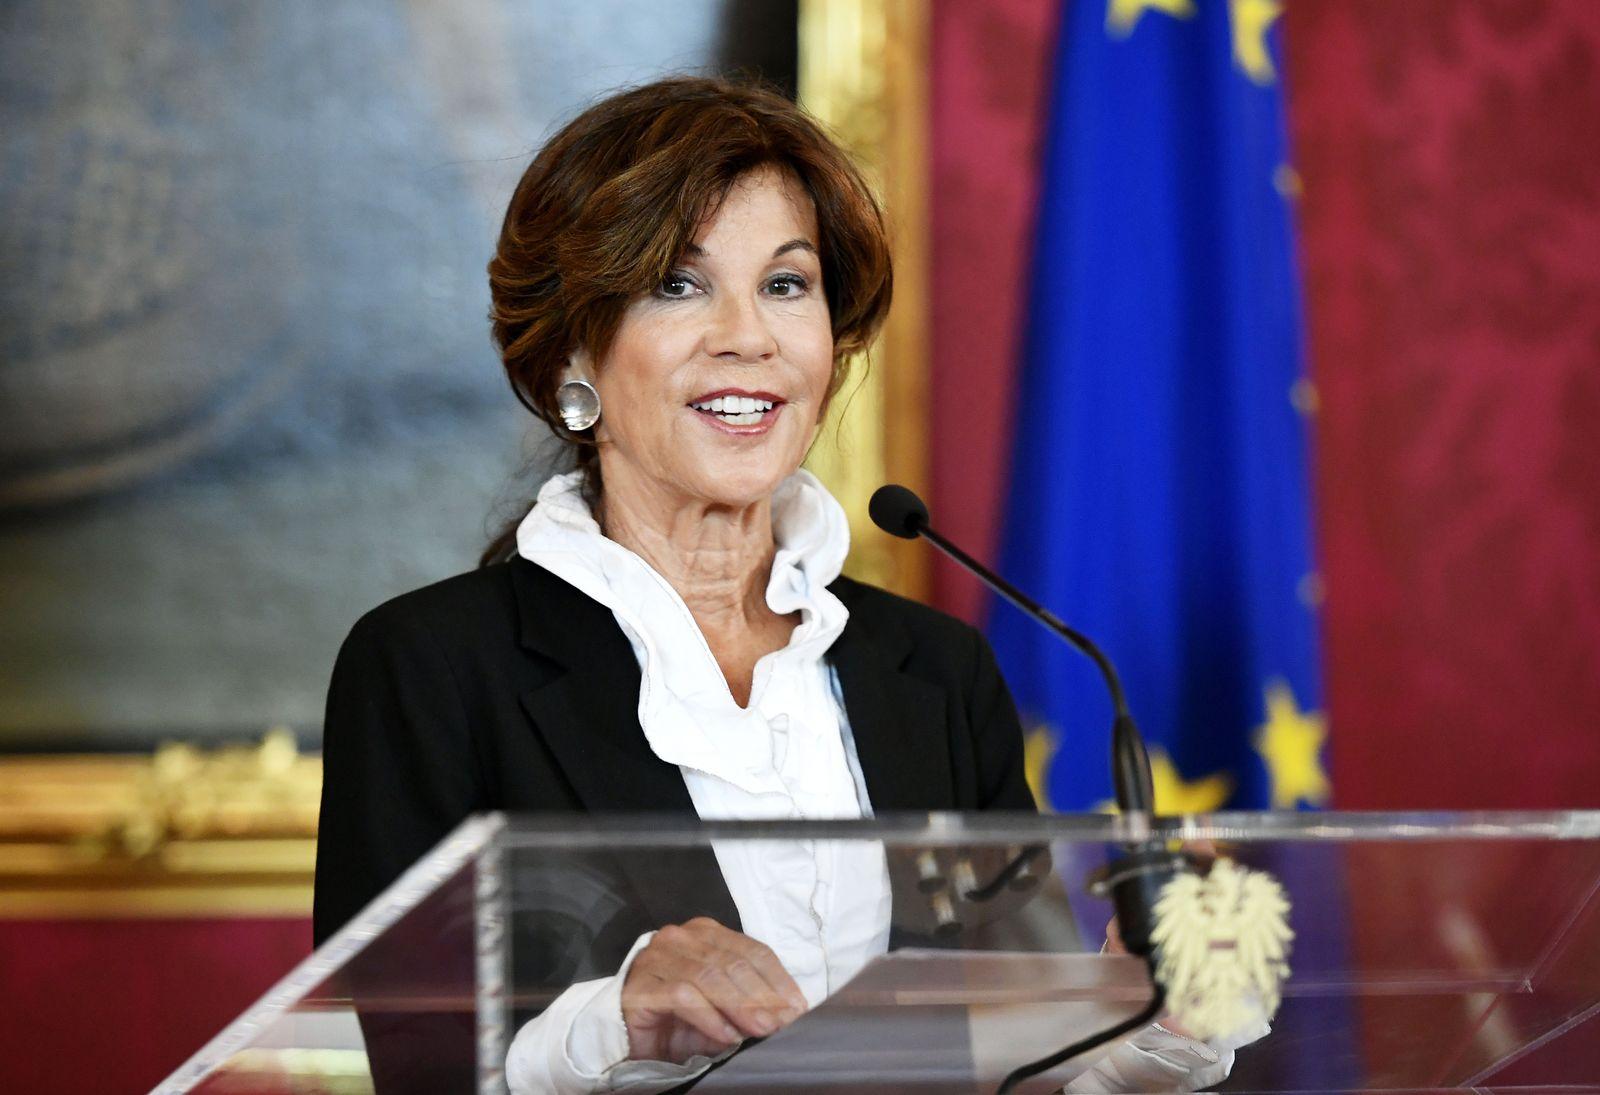 Brigitte Bierlein/ Bundeskanzlerin Österreich